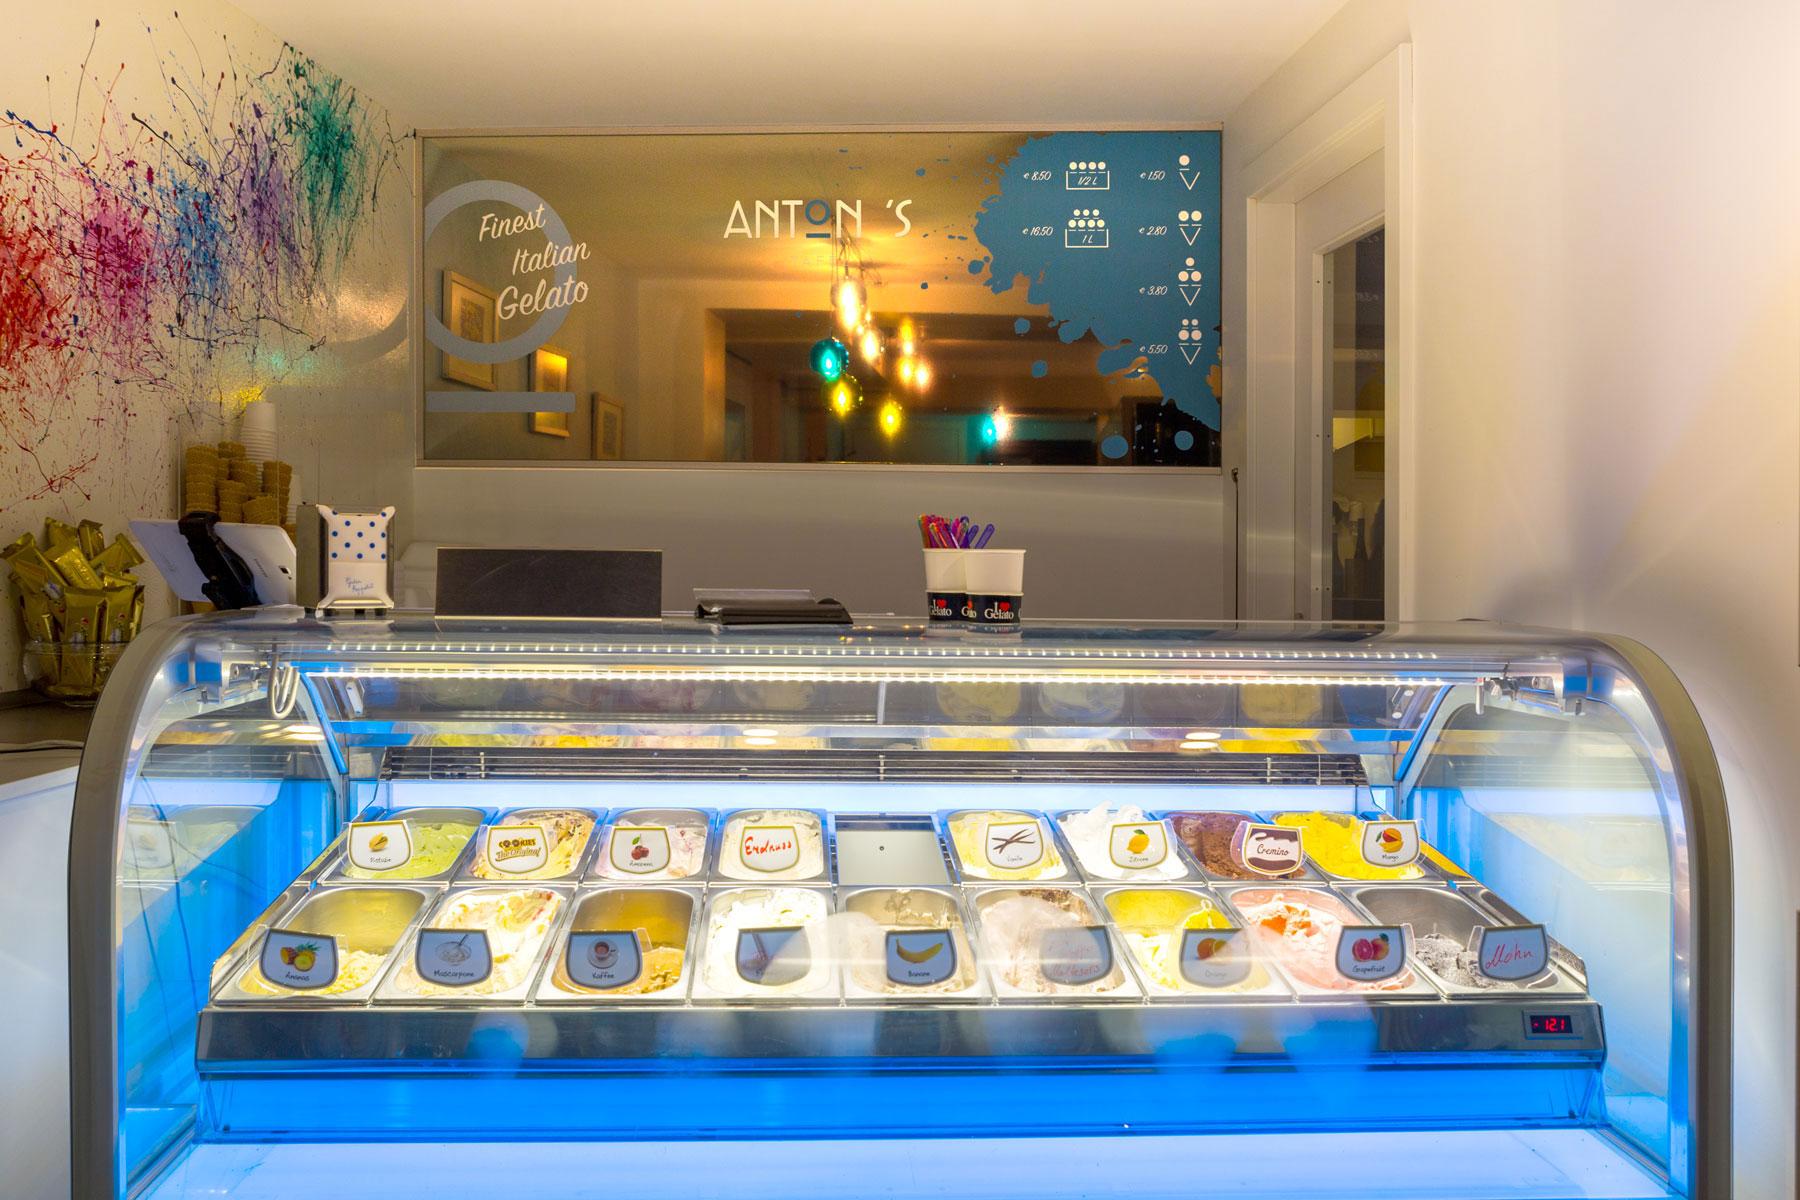 Anton's Eissalon